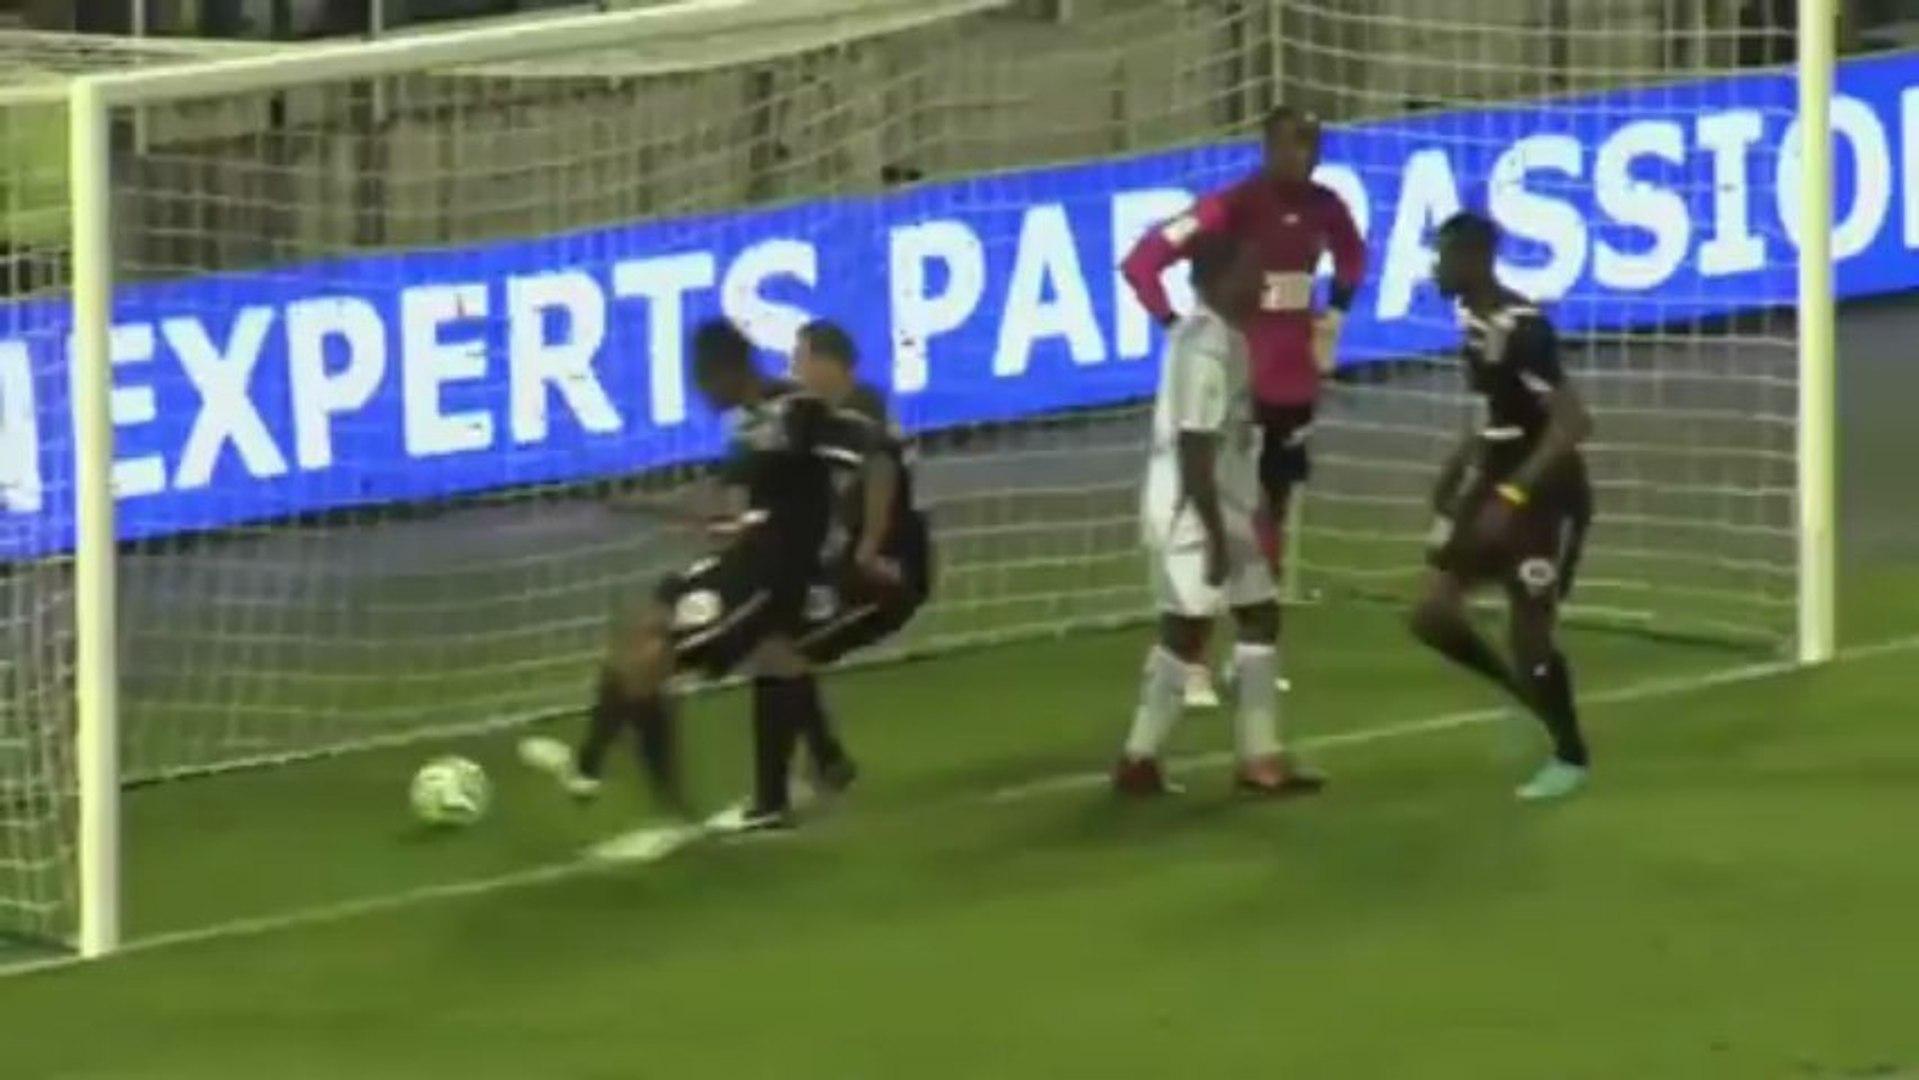 AJ Auxerre (AJA) - Angers SCO (SCO) Le résumé du match (36ème journée) - saison 2012/2013